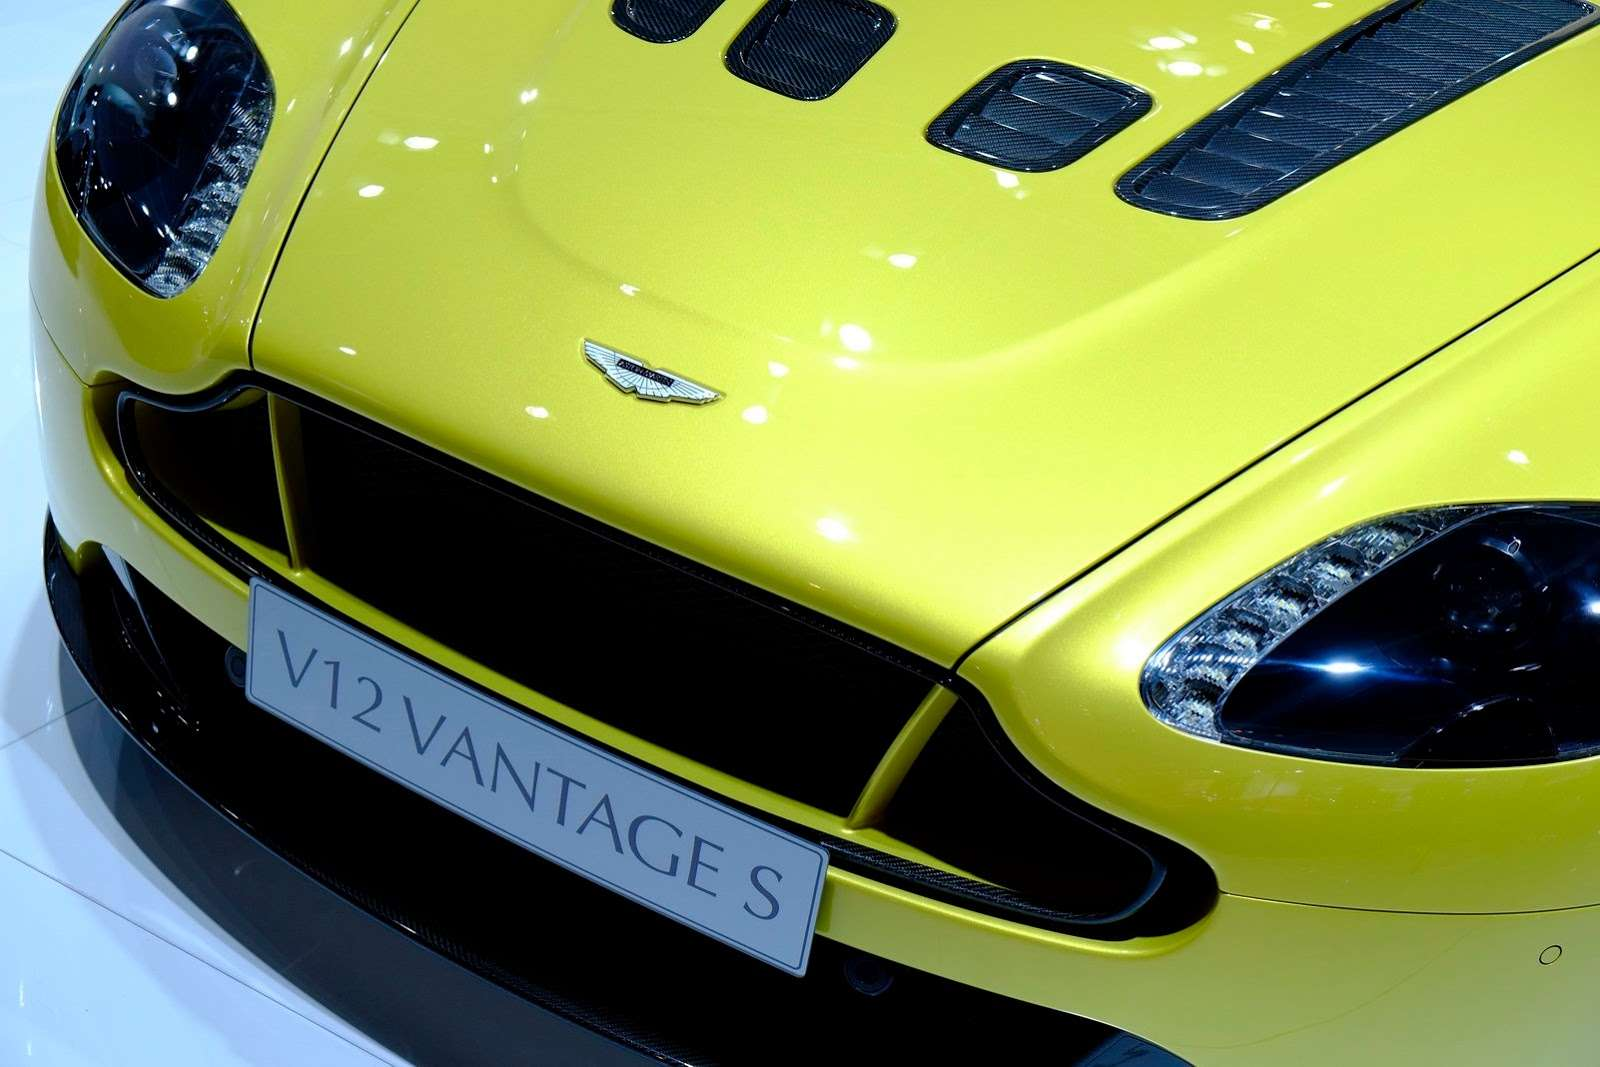 Aston Martin Frankfurt 2013